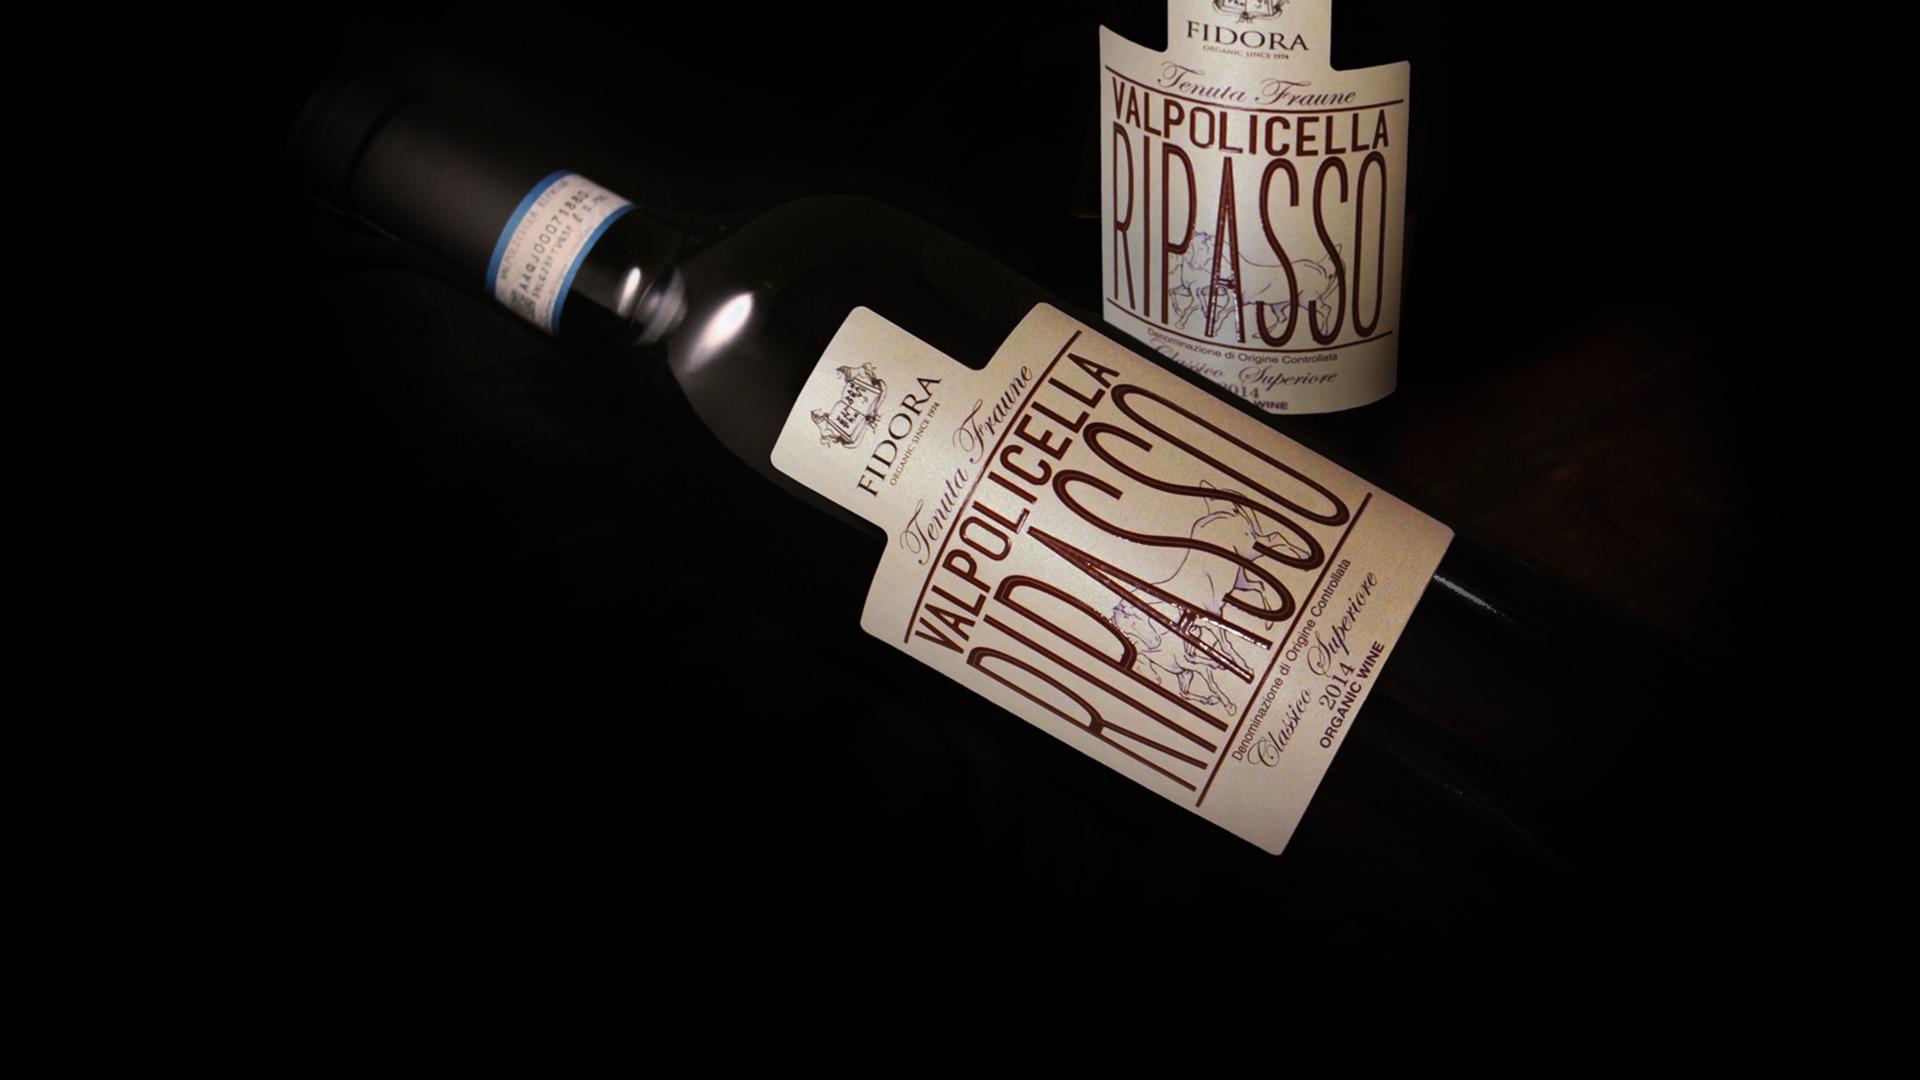 (English) Valpolicella Ripasso DOC Classico Superiore